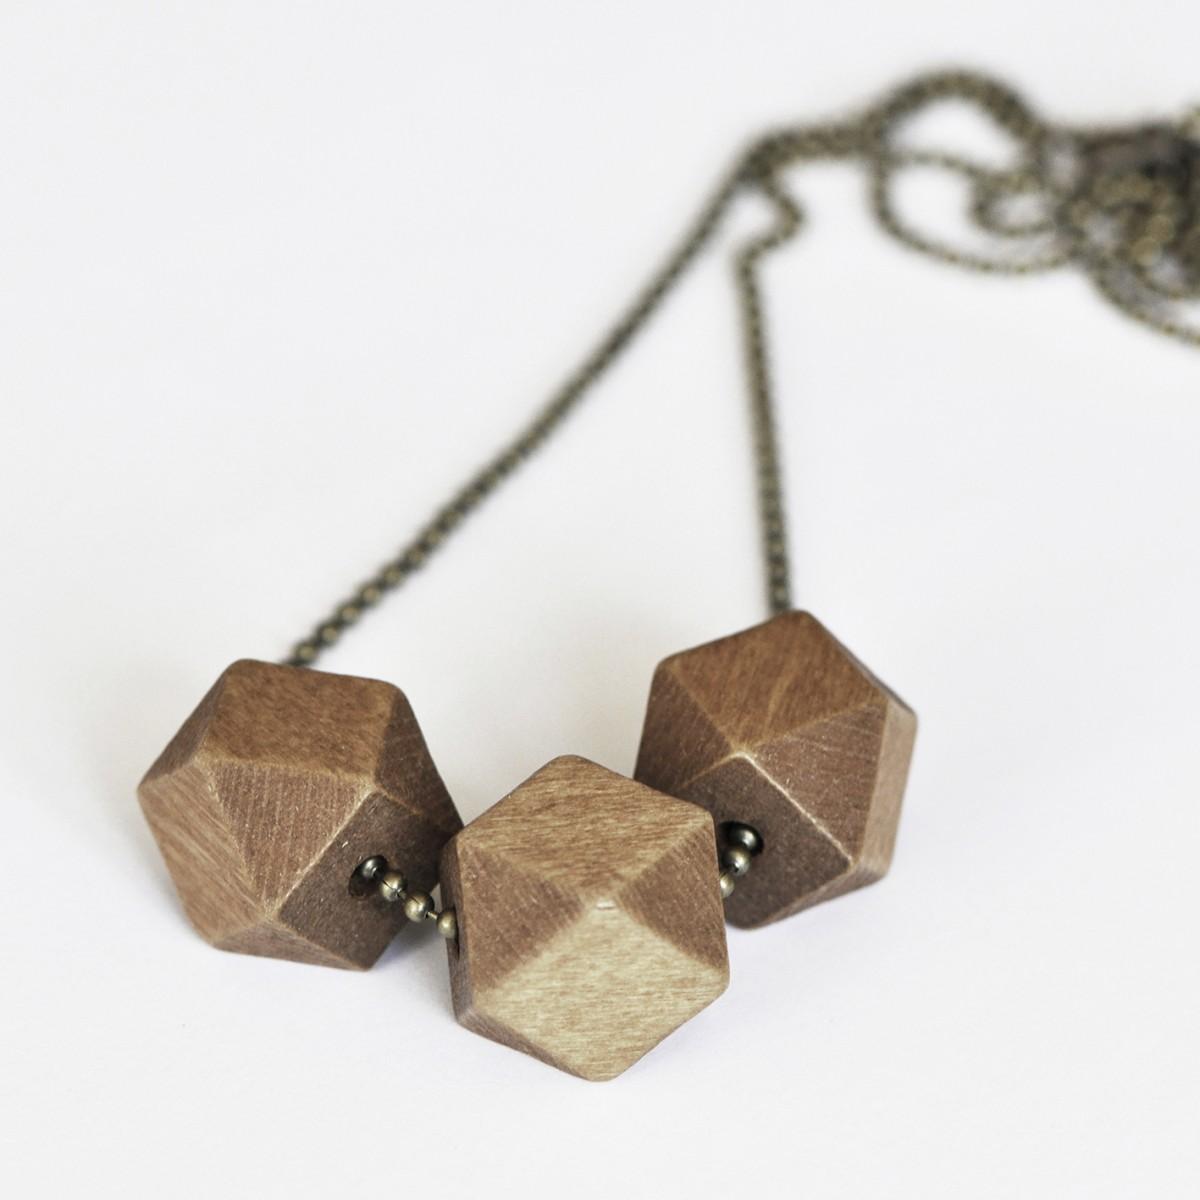 nahili KETTE geometric wood, geometrische Anhänger aus Holz an Bronze-, Gold- oder Silber - Kette